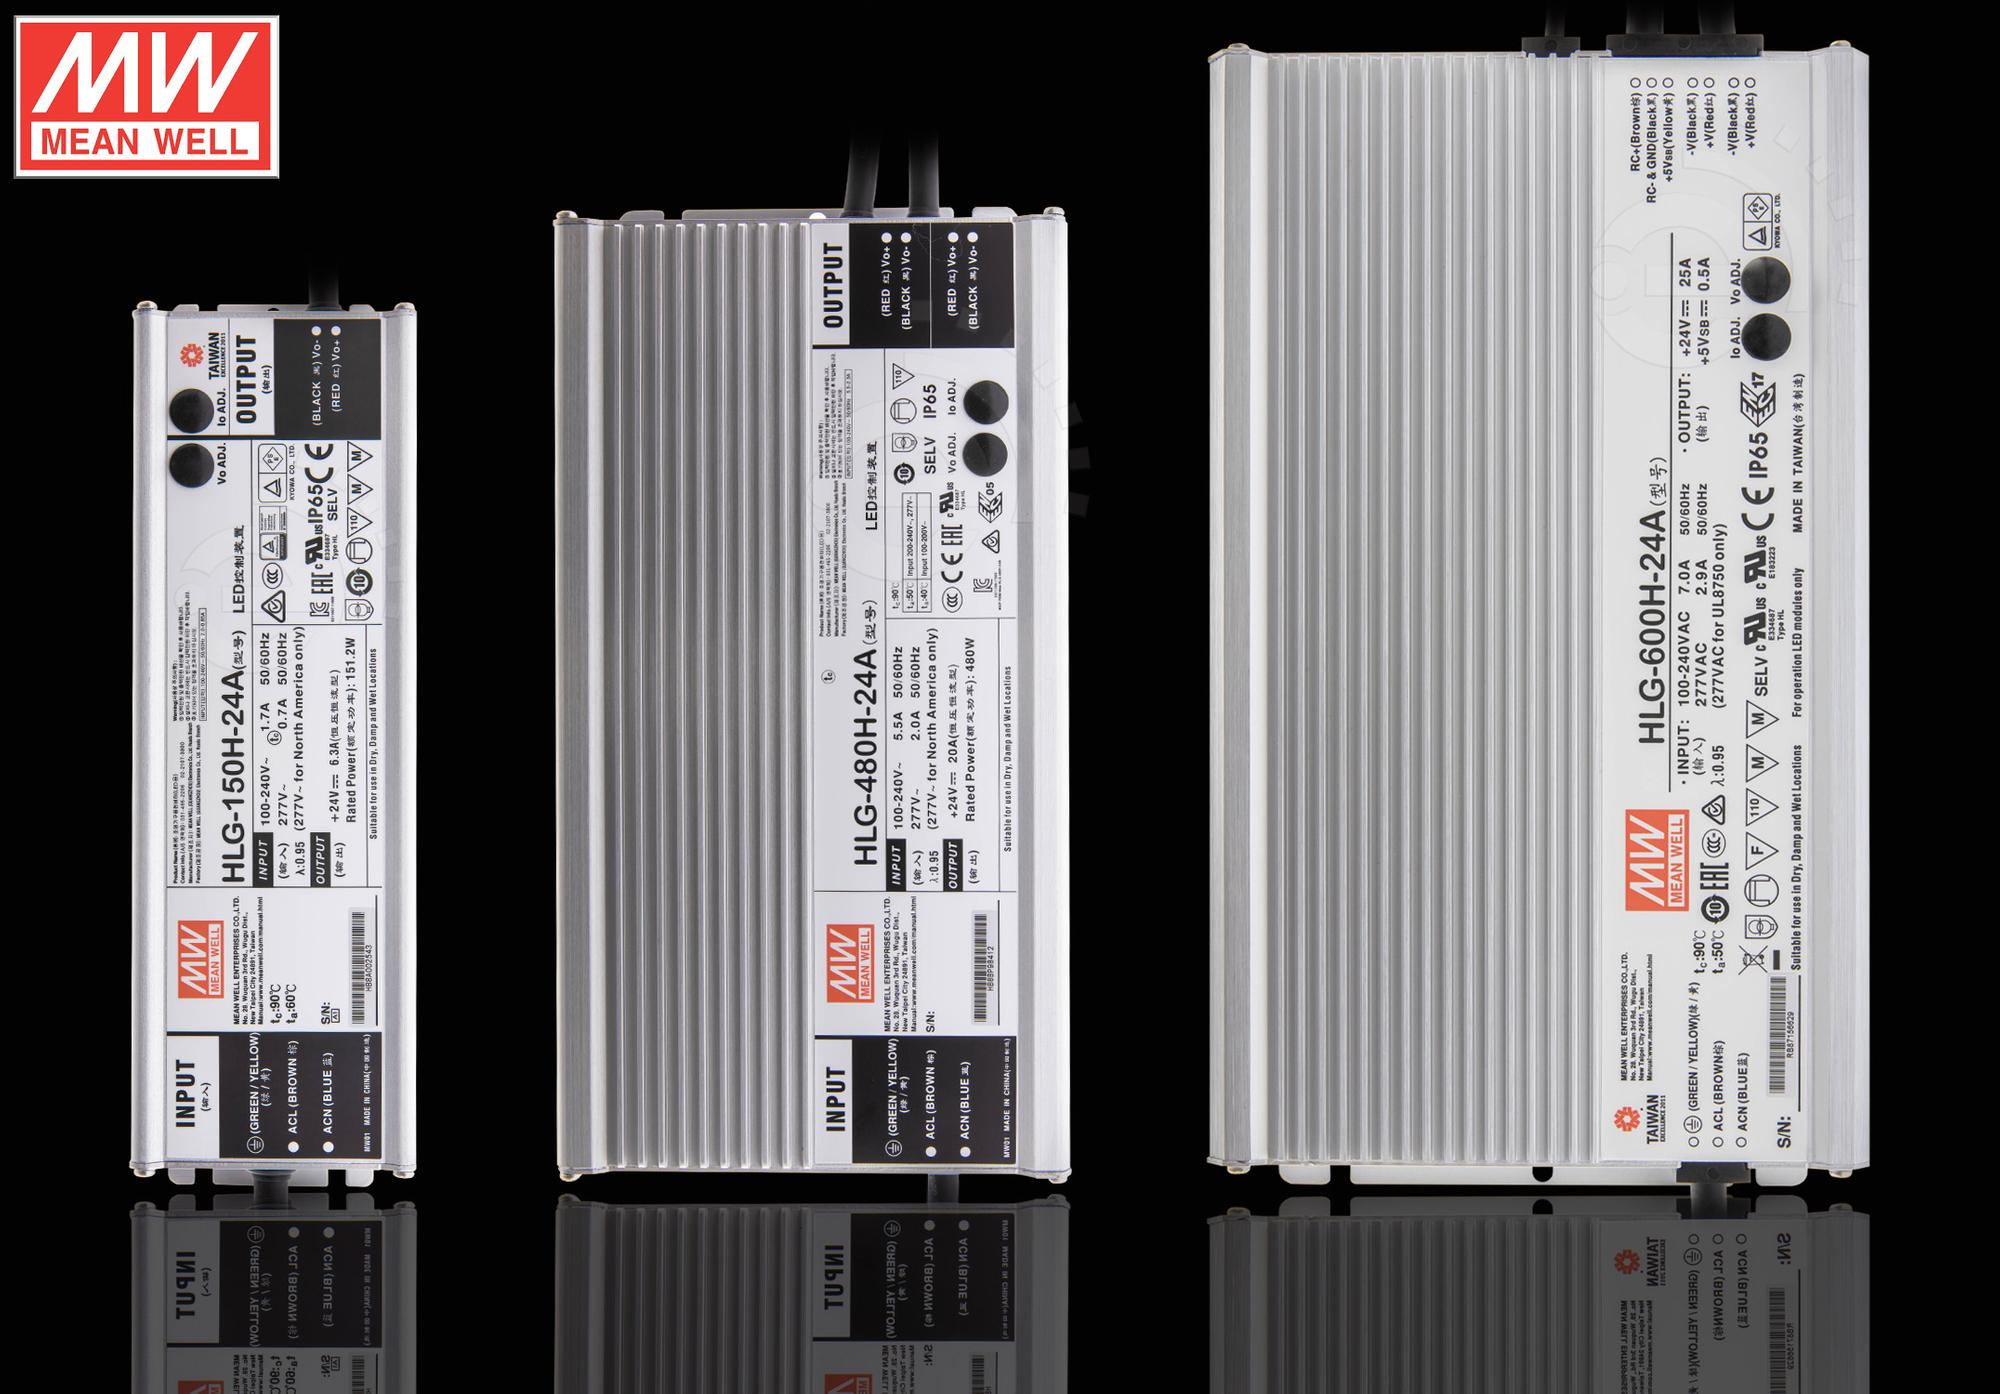 LED Netzteil MeanWell HLG- Serie 12 15 20 24 30 36 42 48 54V Schaltnetzteil IP65